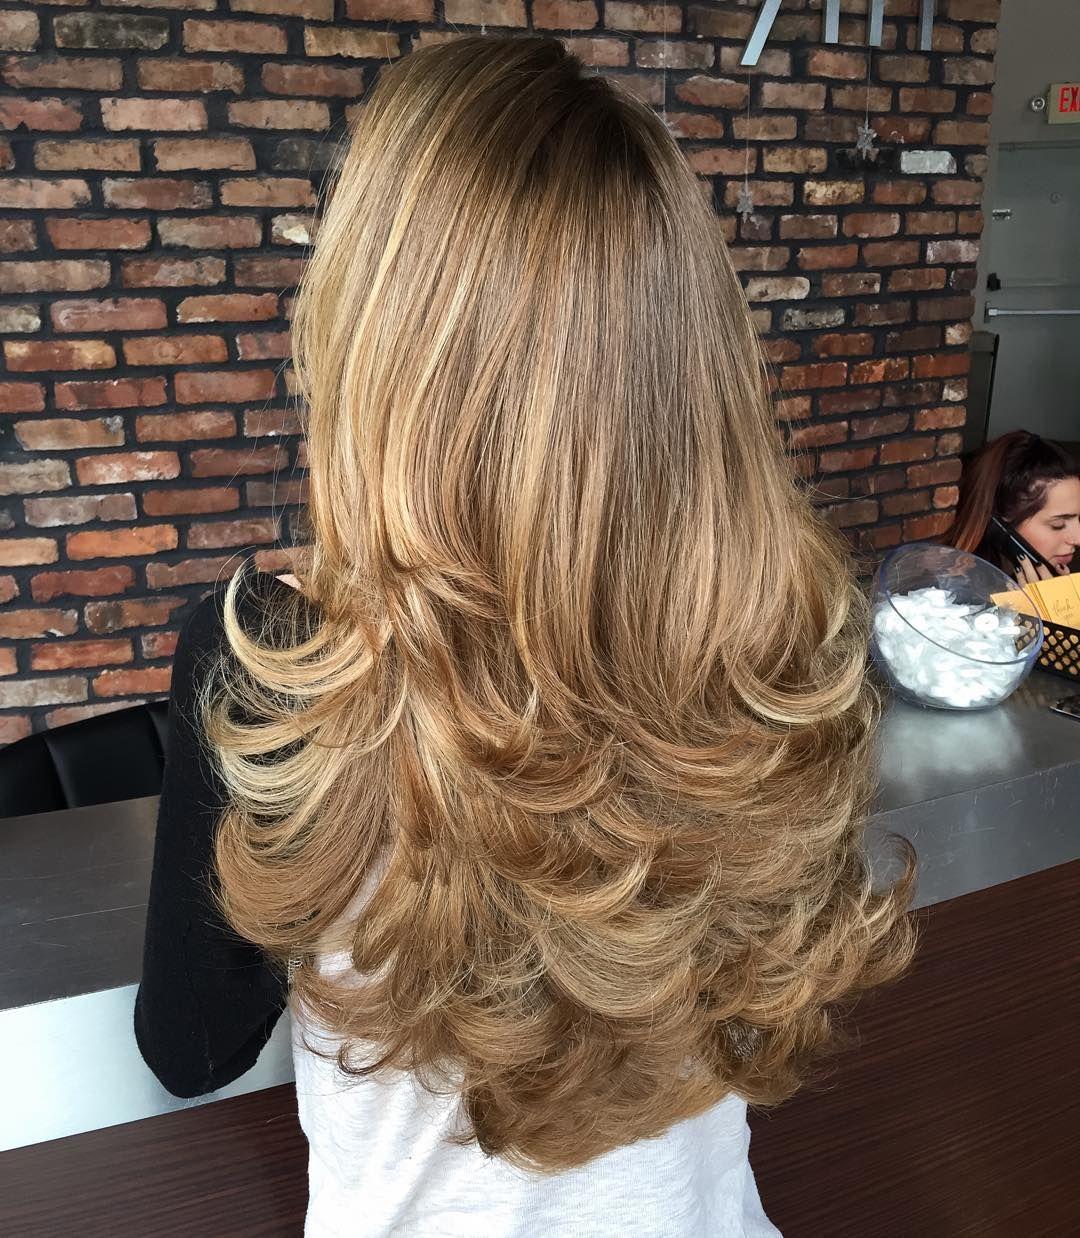 Flip Hairstyles For Long Hair | Kumpulan Soal pelajaran 7